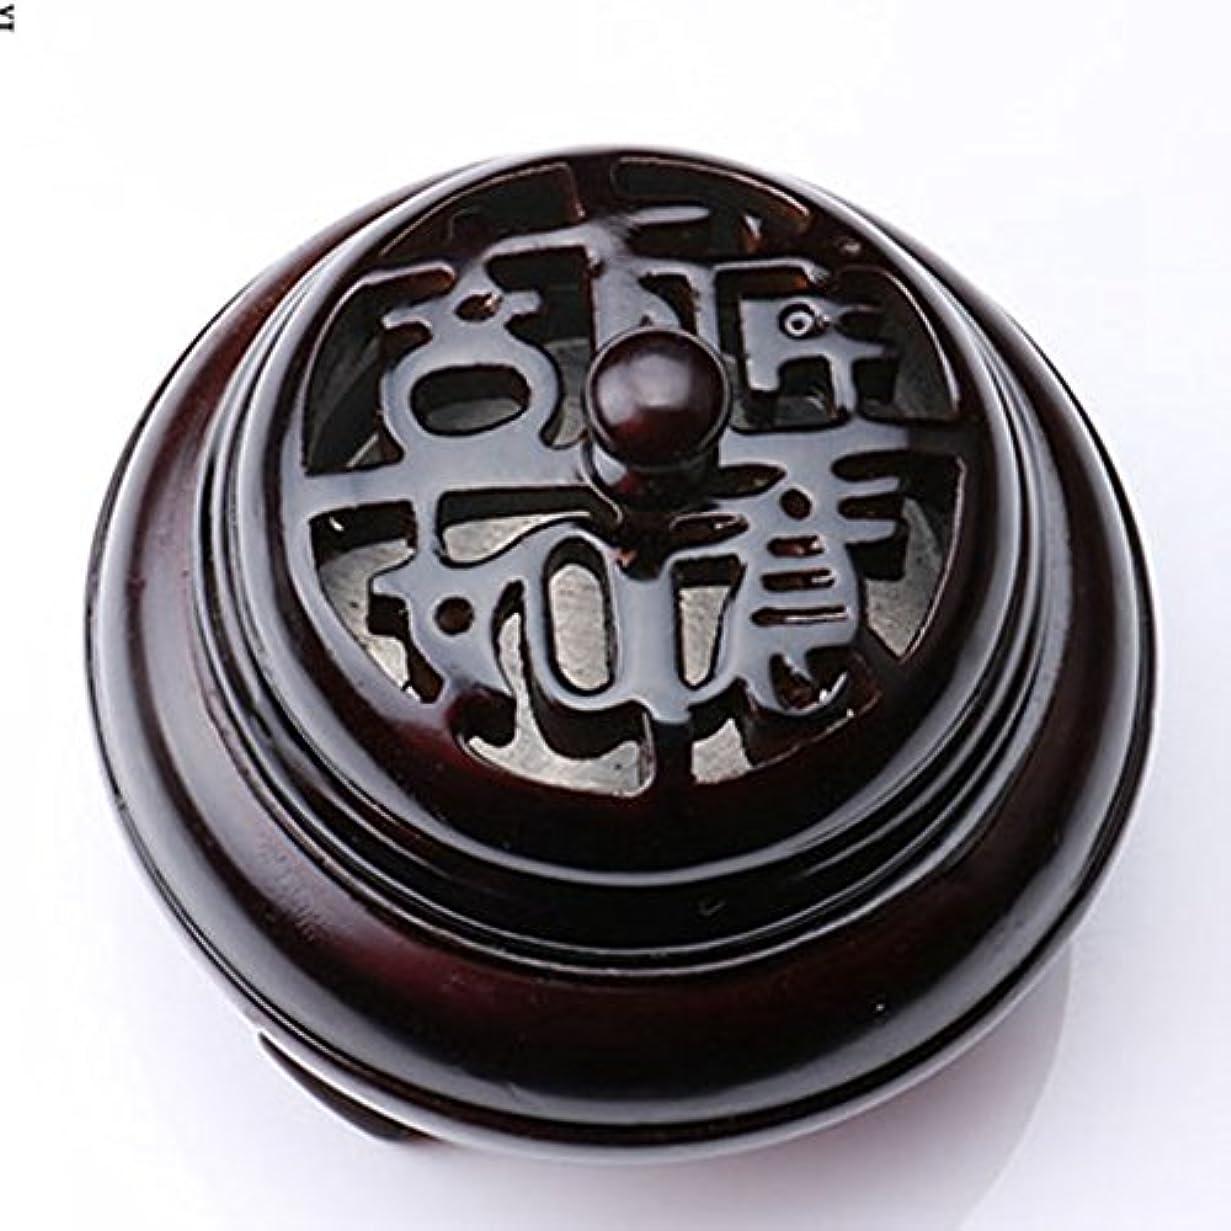 あいまいさヘビーセージ(ラシューバー) Lasuiveur 香炉 香立て 渦巻き線香 線香立て お香立て 木製